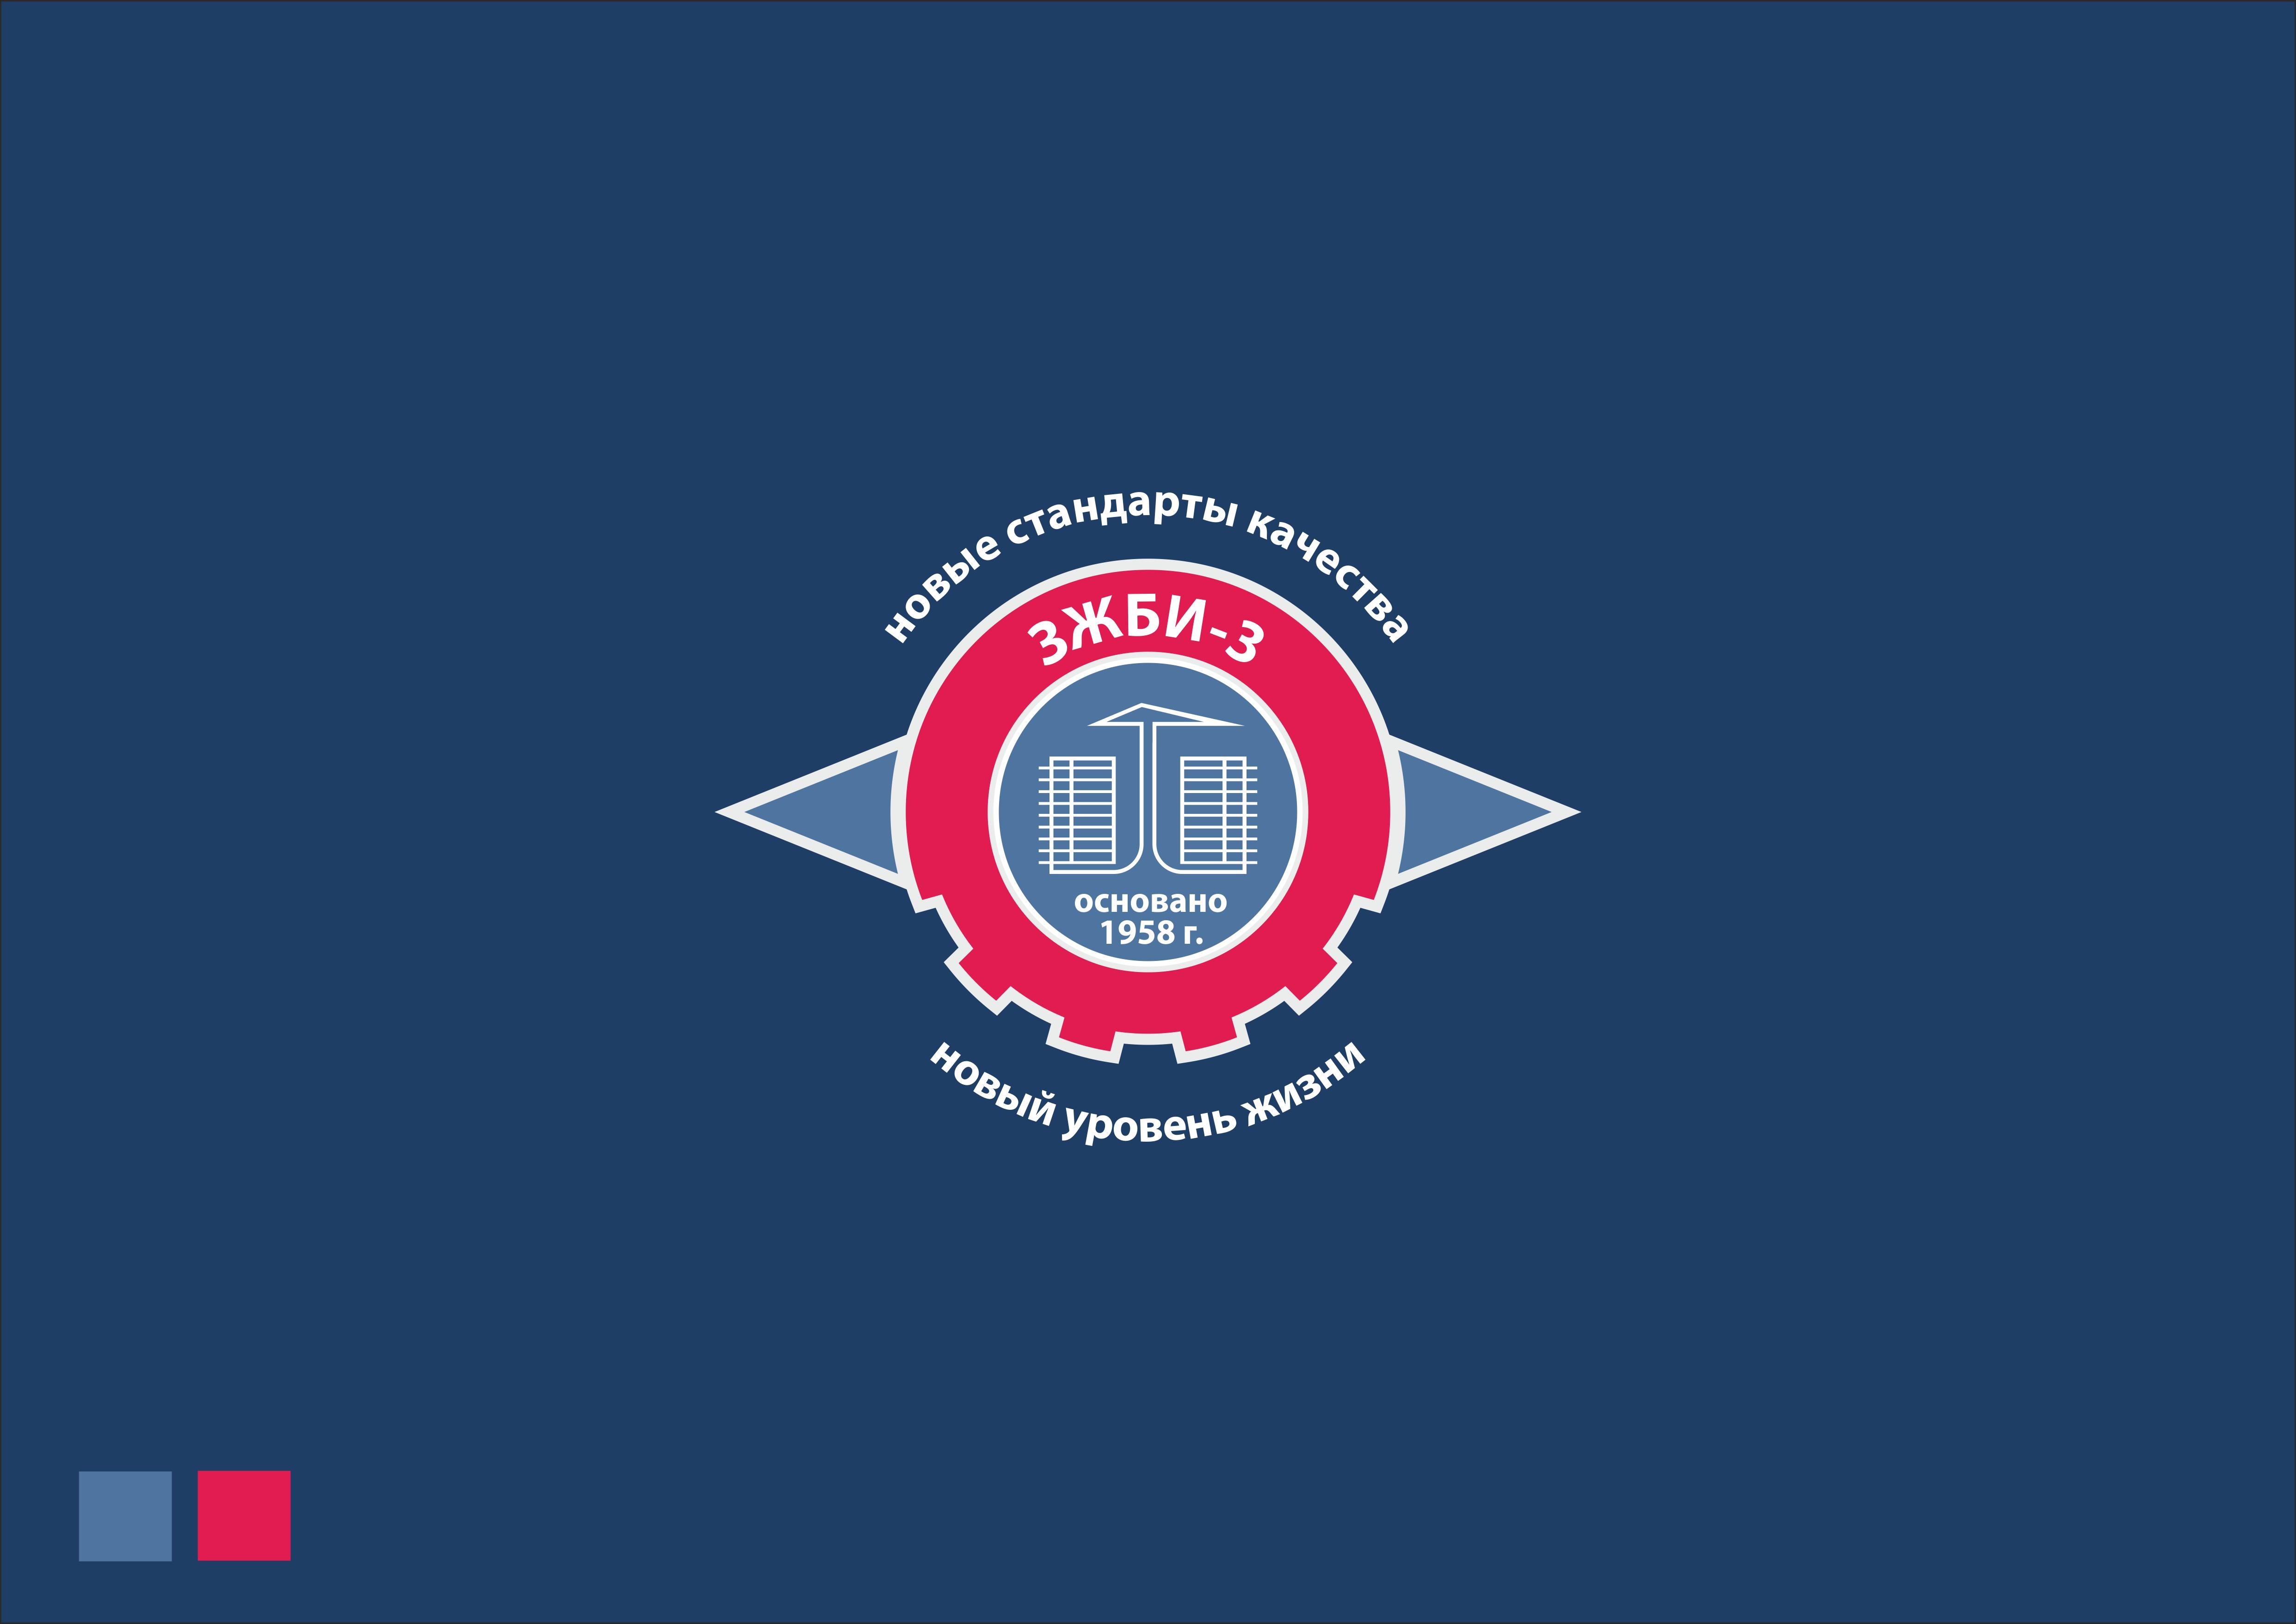 Разработка логотипа и фирменный стиль фото f_155597086c909666.png